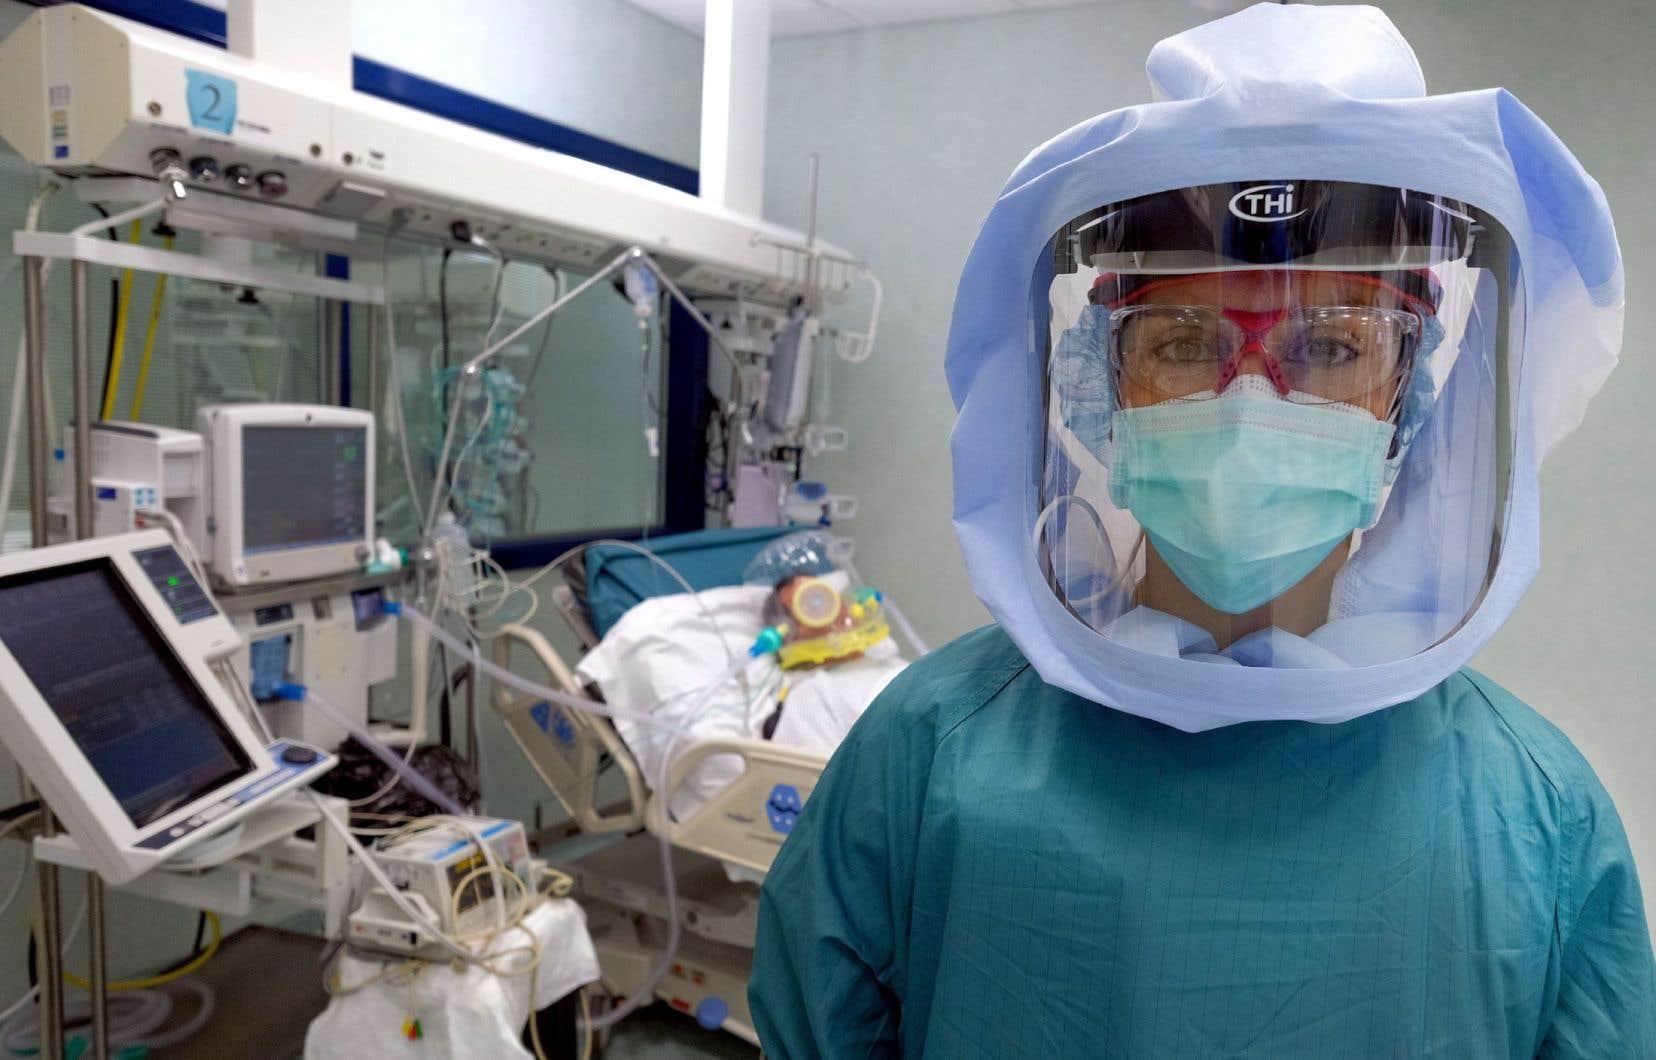 «L'expertise infirmière va bien au-delà de gestes techniques comme la pose d'un cathéter ou d'une sonde urinaire», souligne l'autrice.